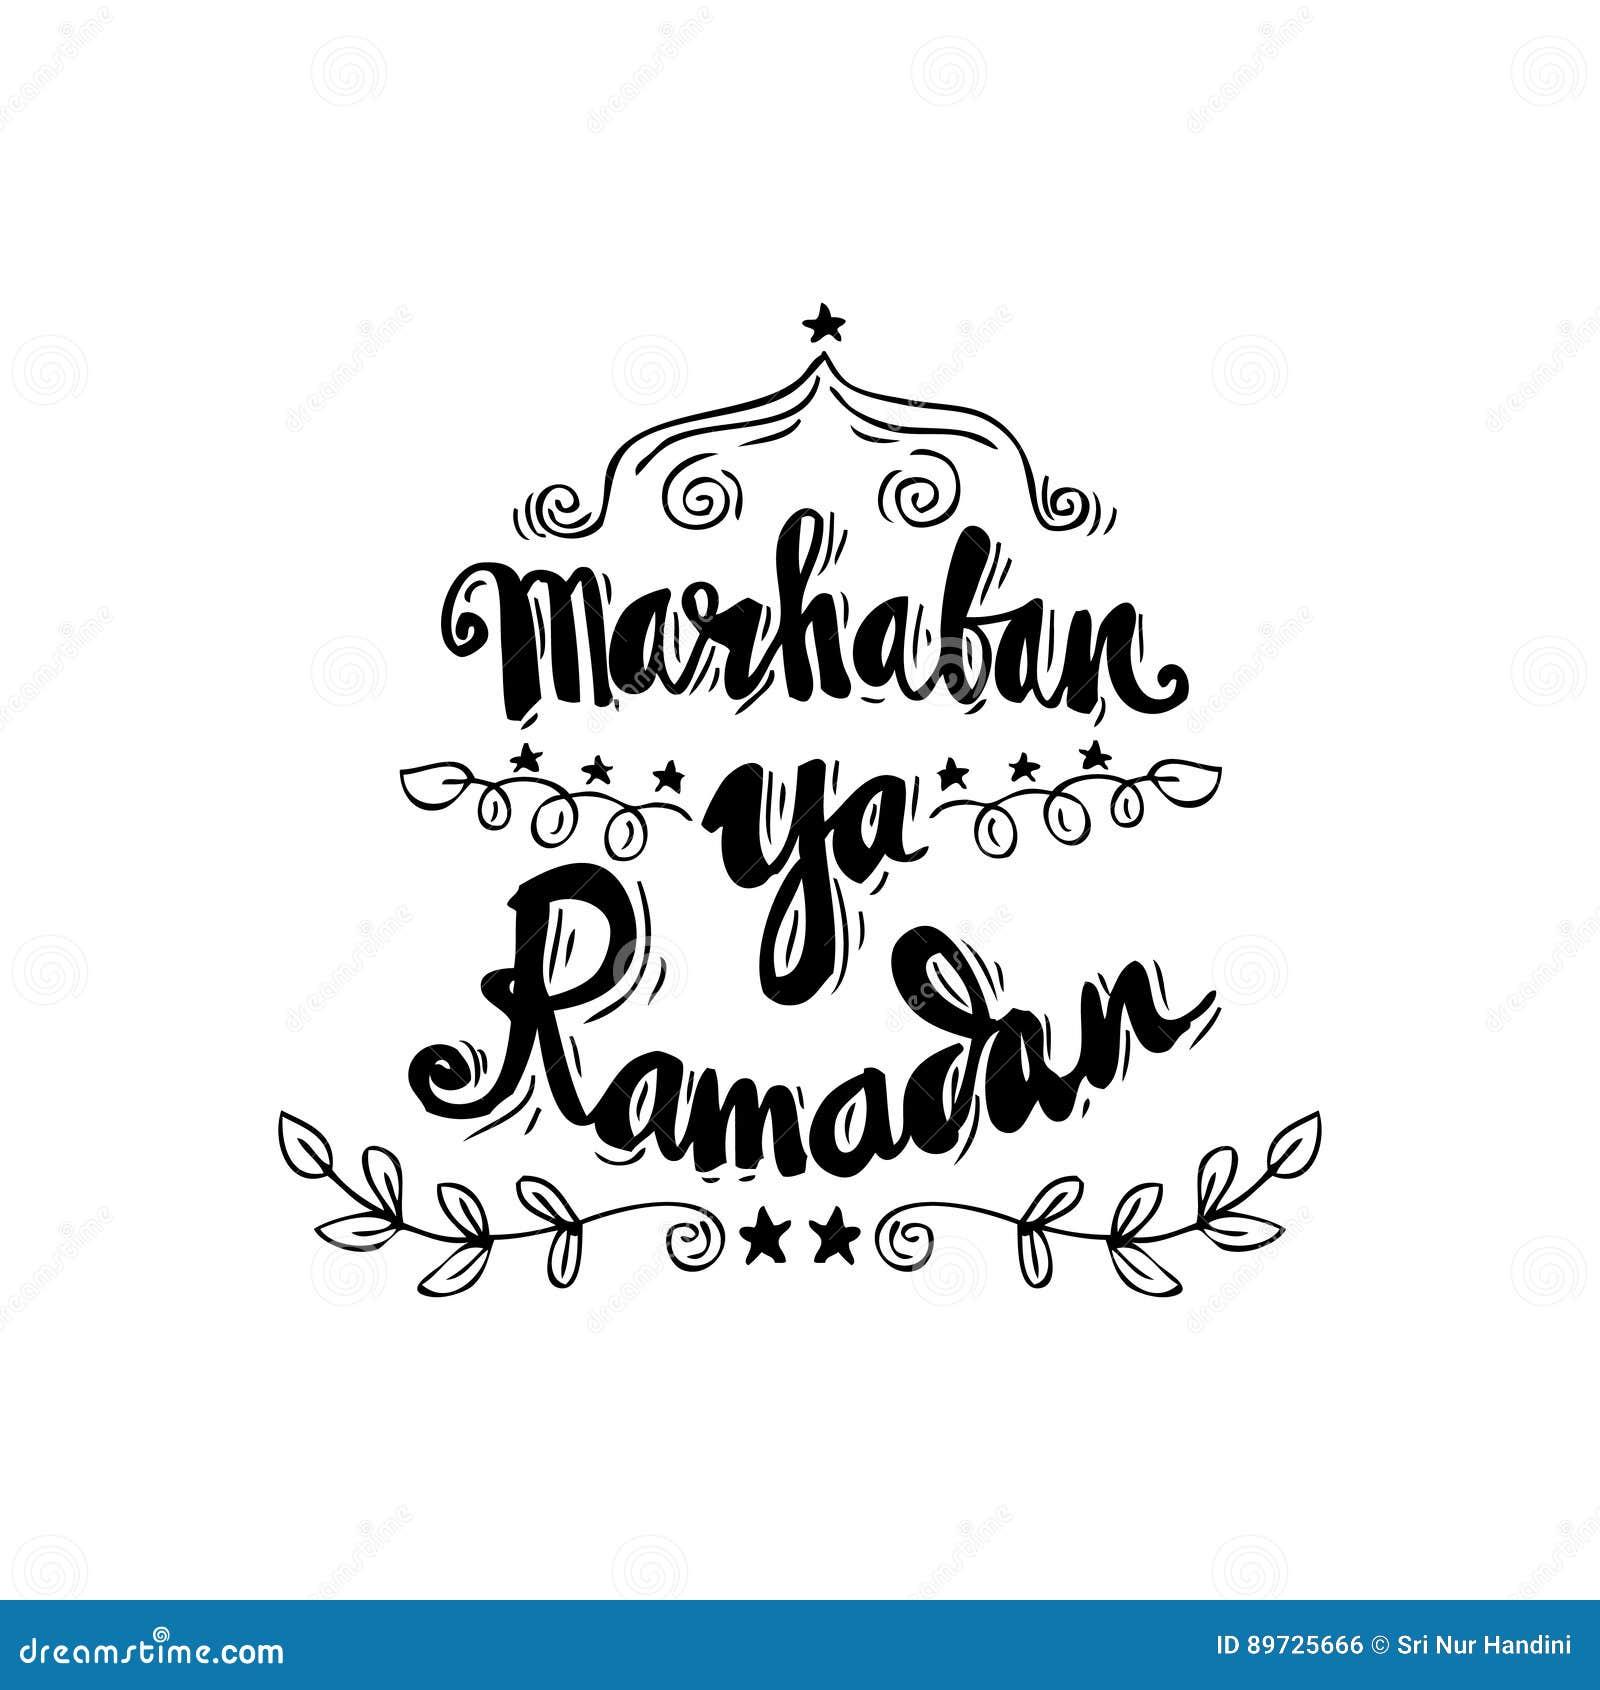 Marhaban Ya Ramadan Mosque Creative Royalty Free Illustration